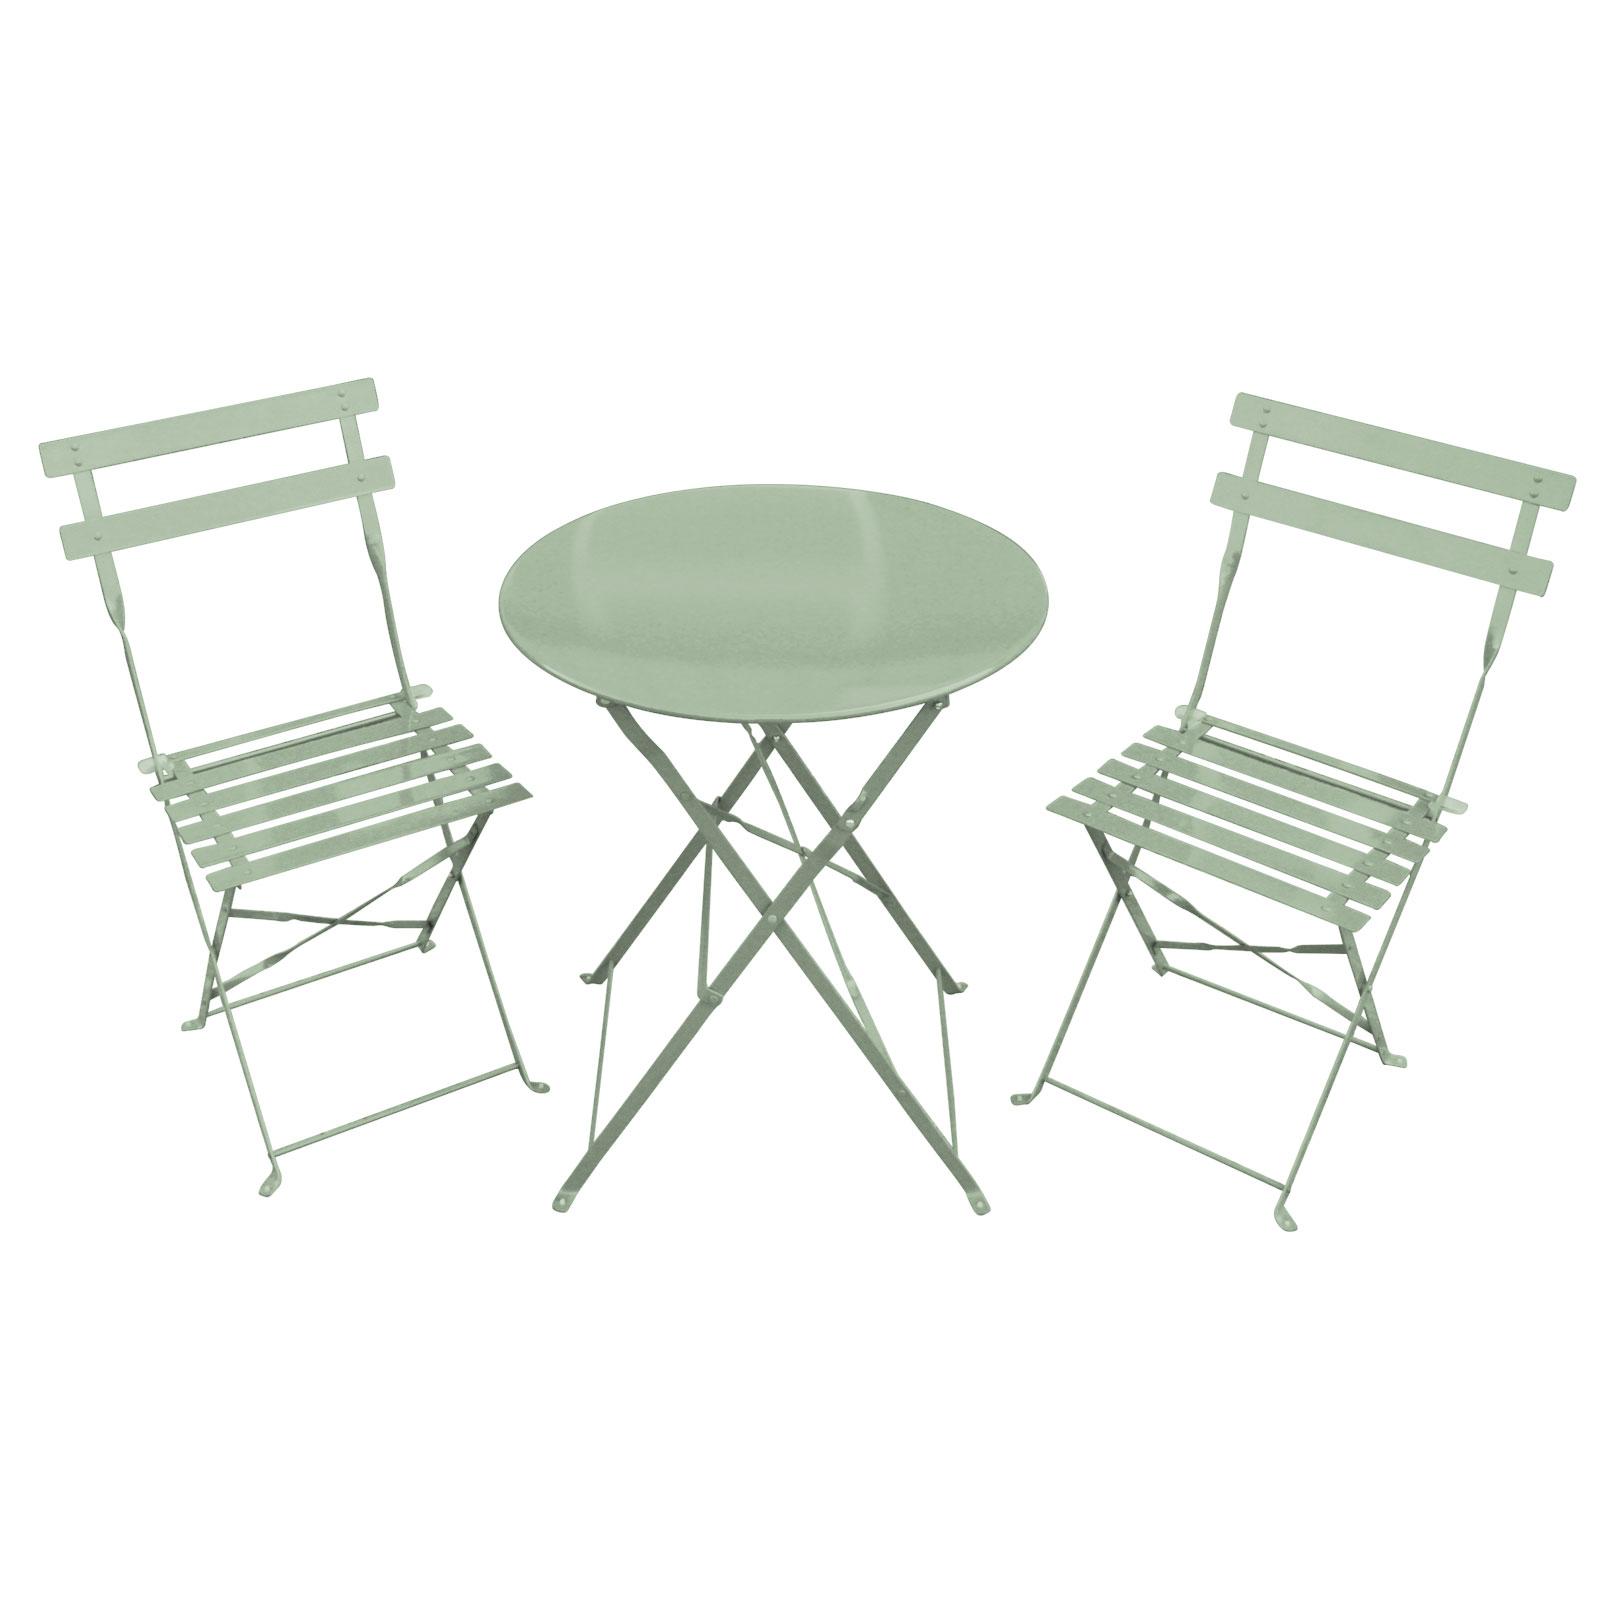 Bentley Garden 3 Piece Metal Garden Patio Furniture Bistro Set Table & 2